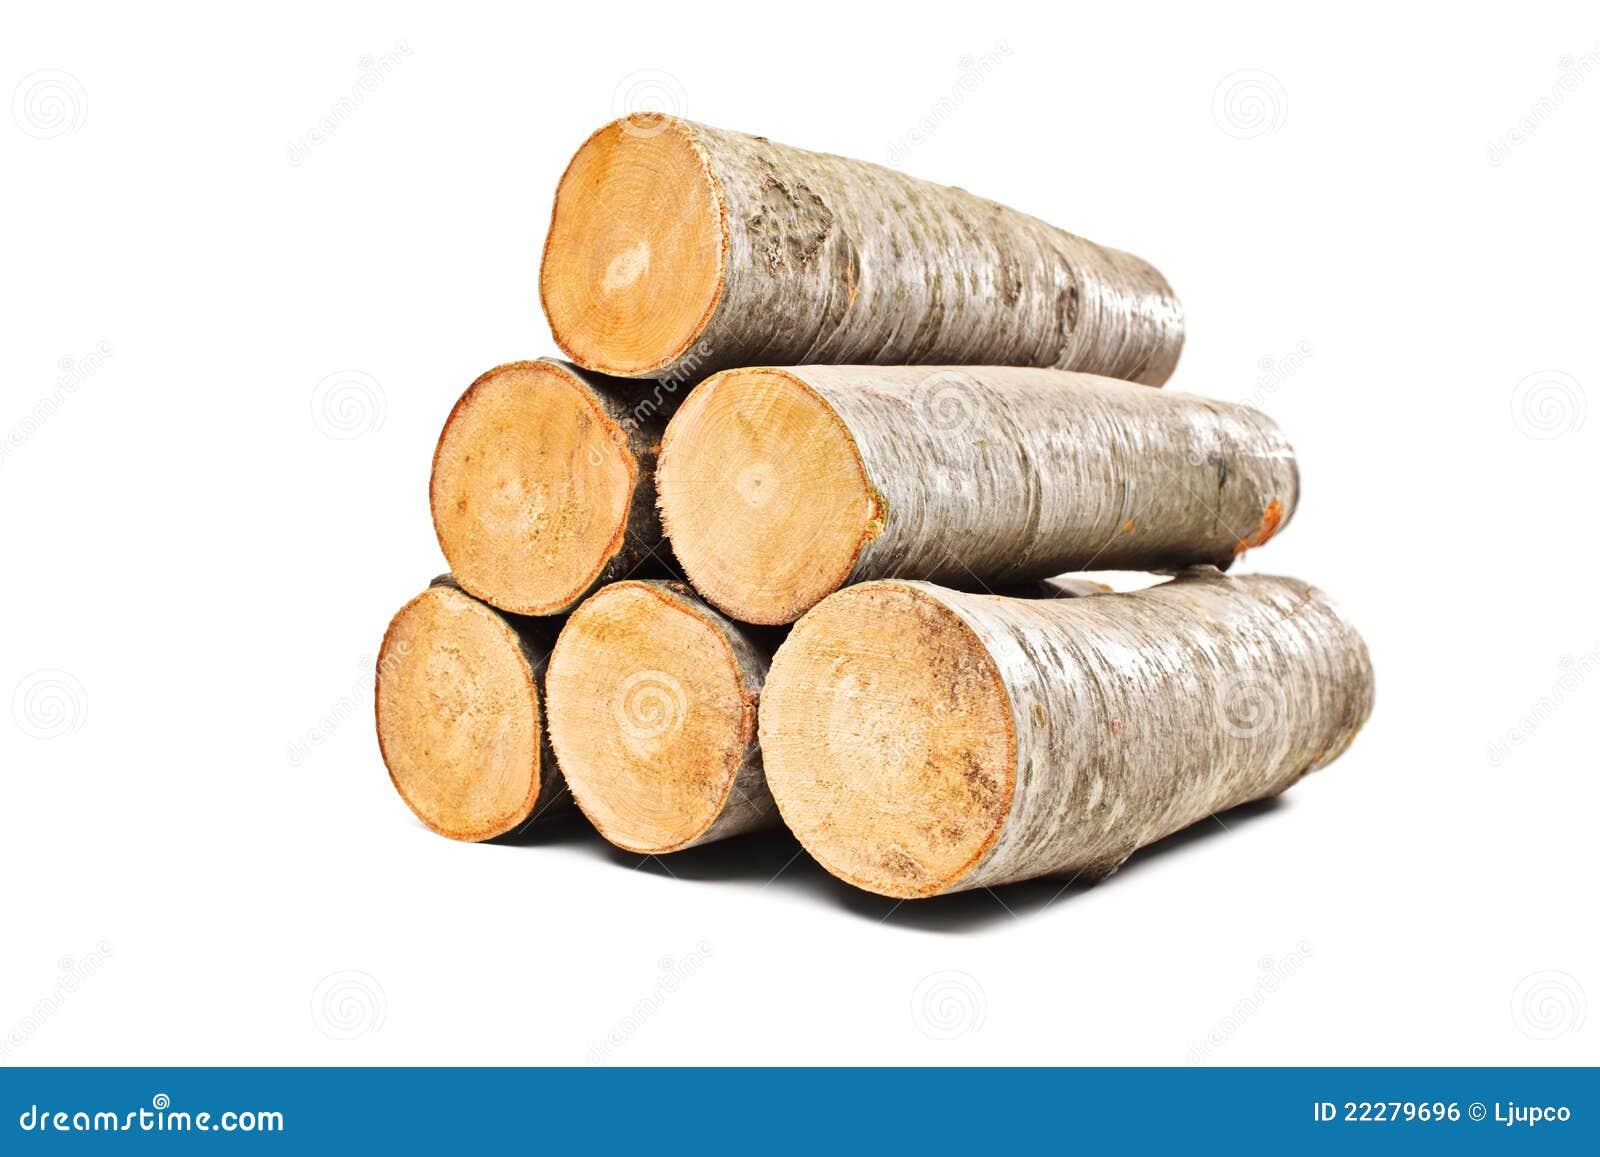 Pile De Bois De Chauffage De H u00eatre Image libre de droits Image 22279696 # Bois Blanc Chauffage